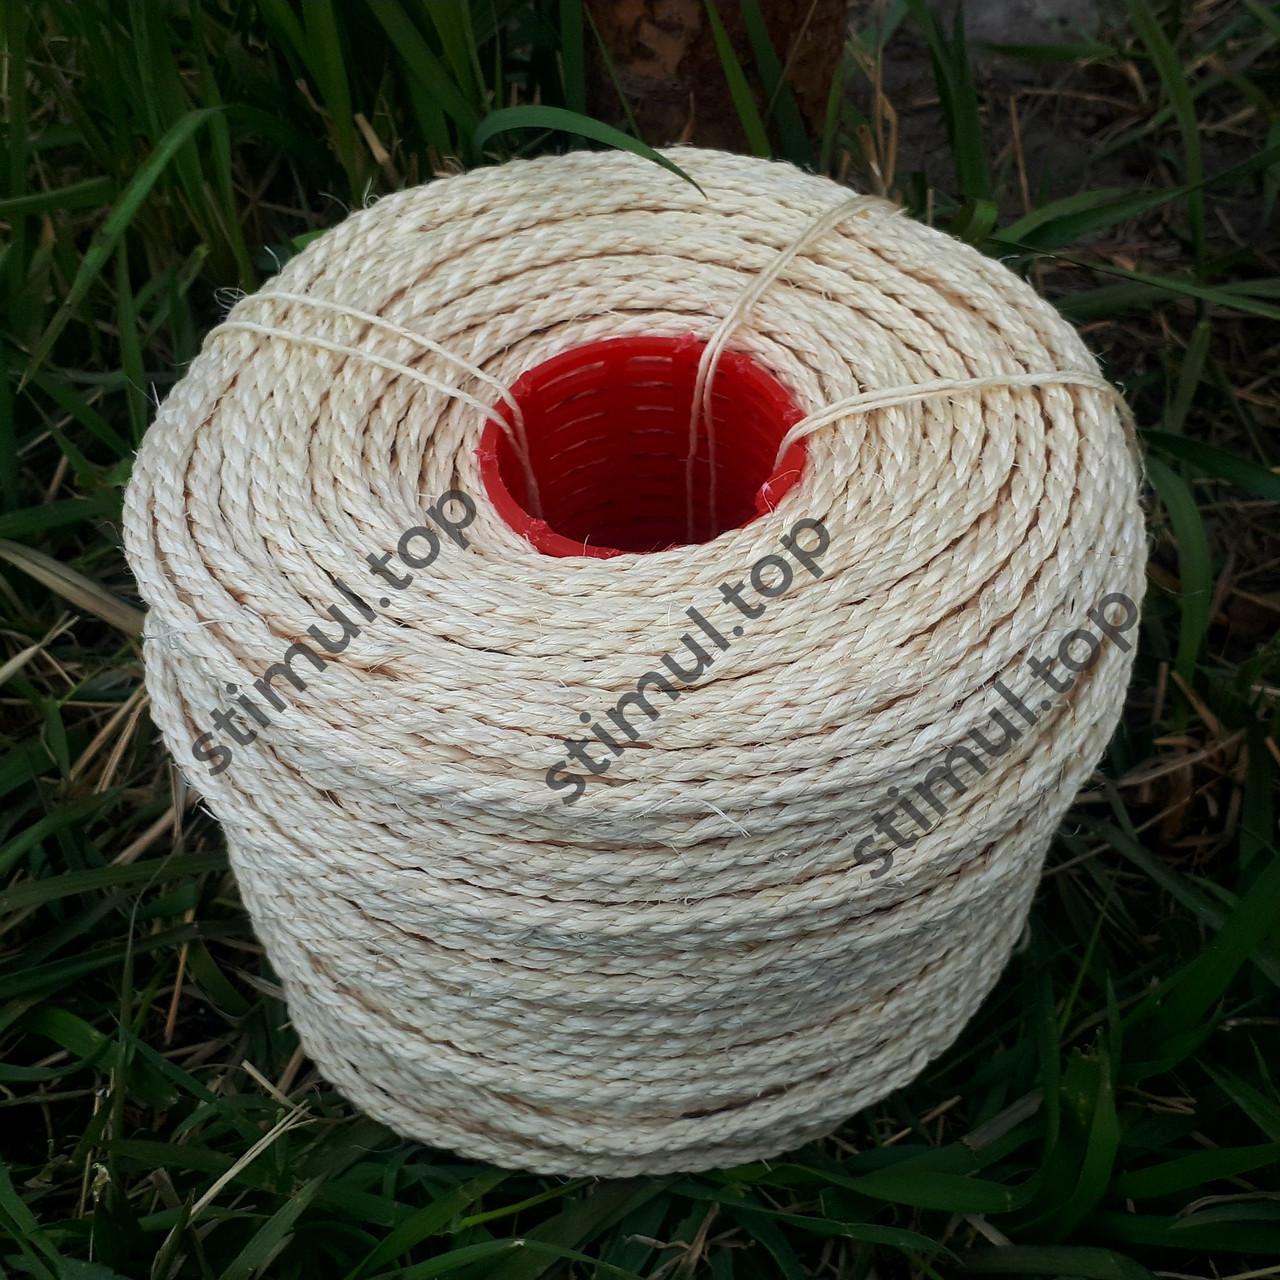 Канат сизалевый 8 мм х 100 м | Веревка сизалевая для когтеточки ➤ дряпки ➤ котов | Мотузка сизальова